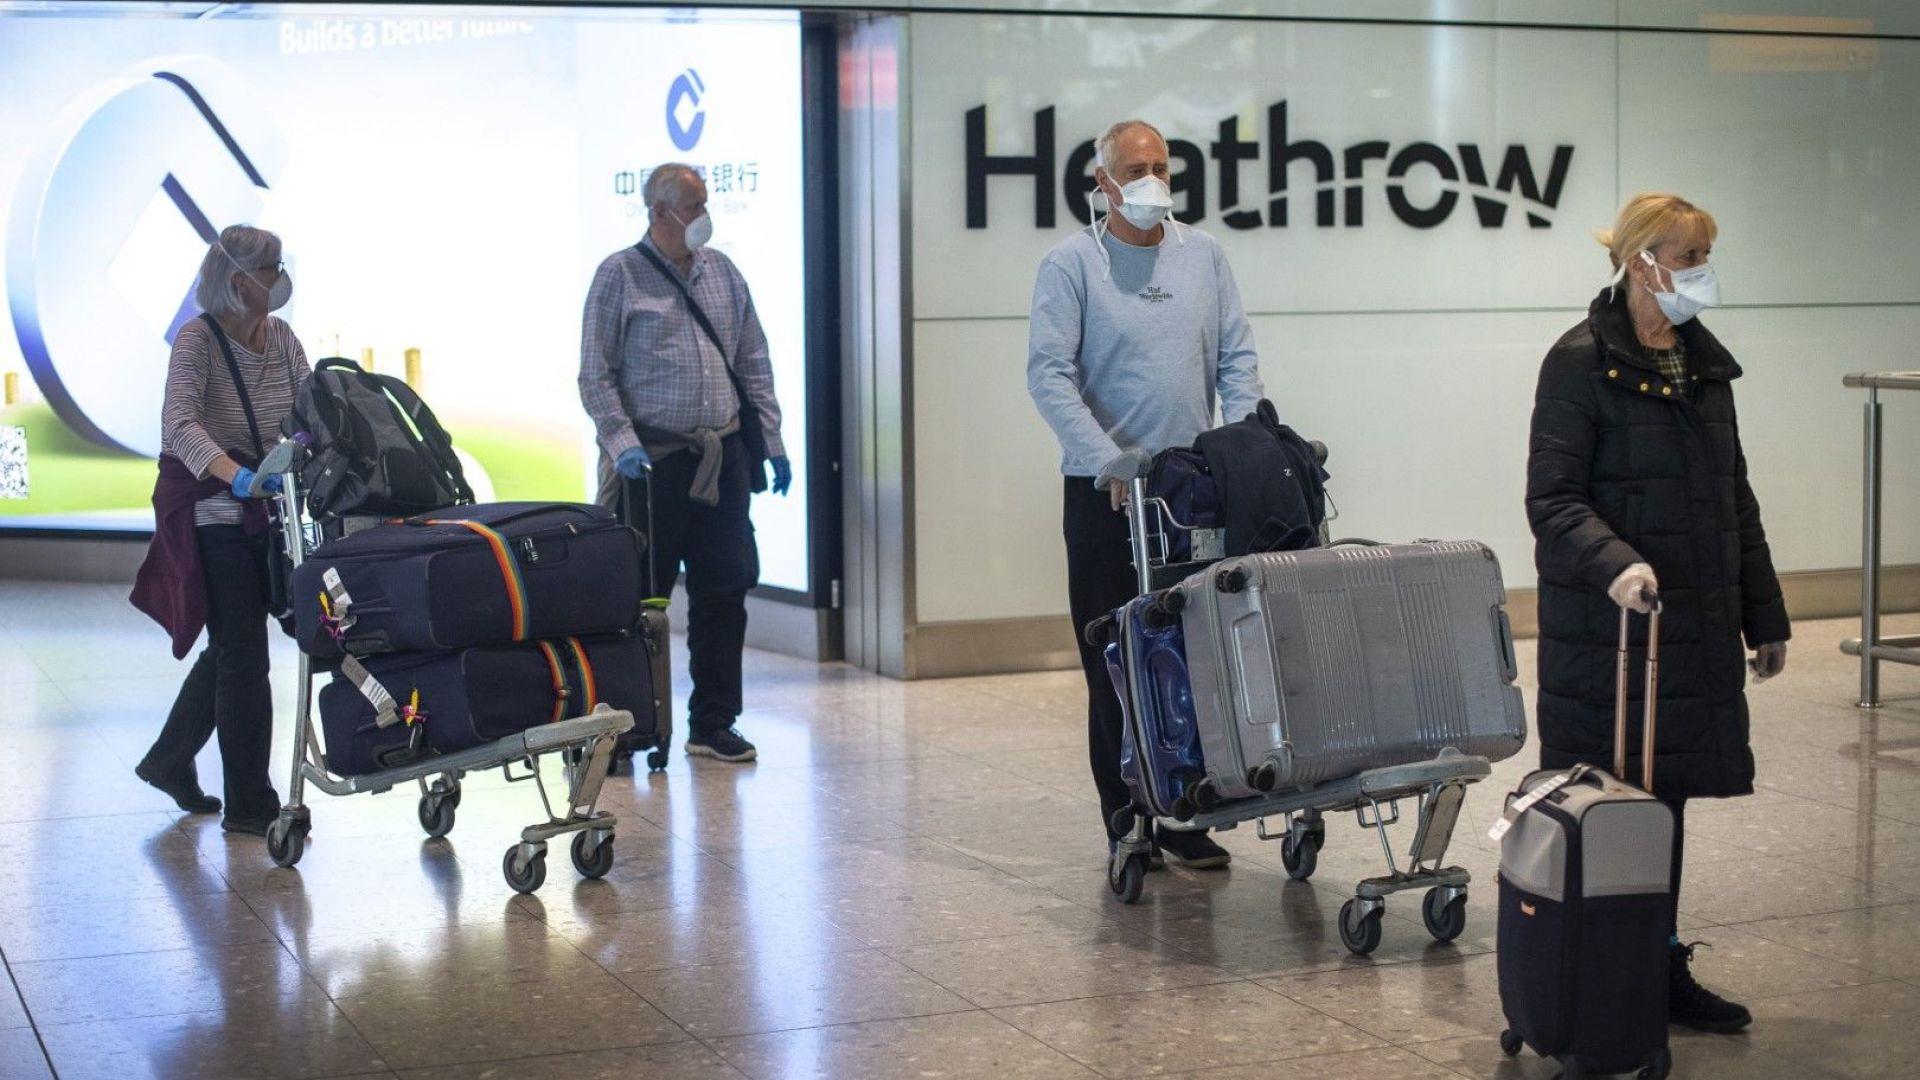 Задължителната 14-дневна карантина влиза в сила във Великобритания